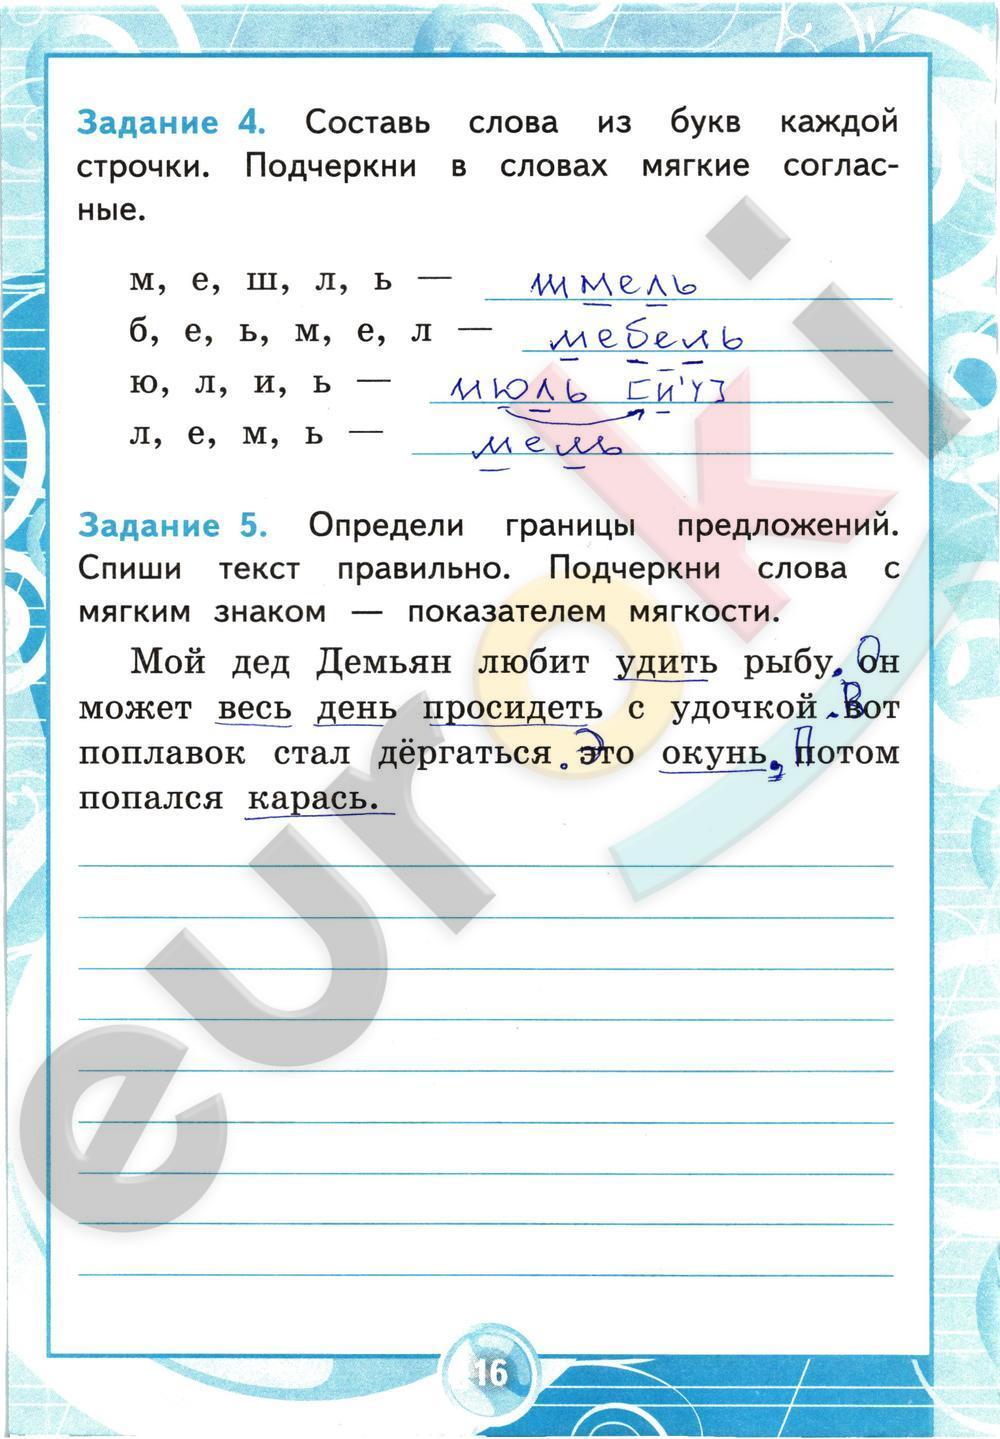 ГДЗ по русскому языку 2 класс контрольные работы Крылова Часть 1, 2. Задание: стр. 16